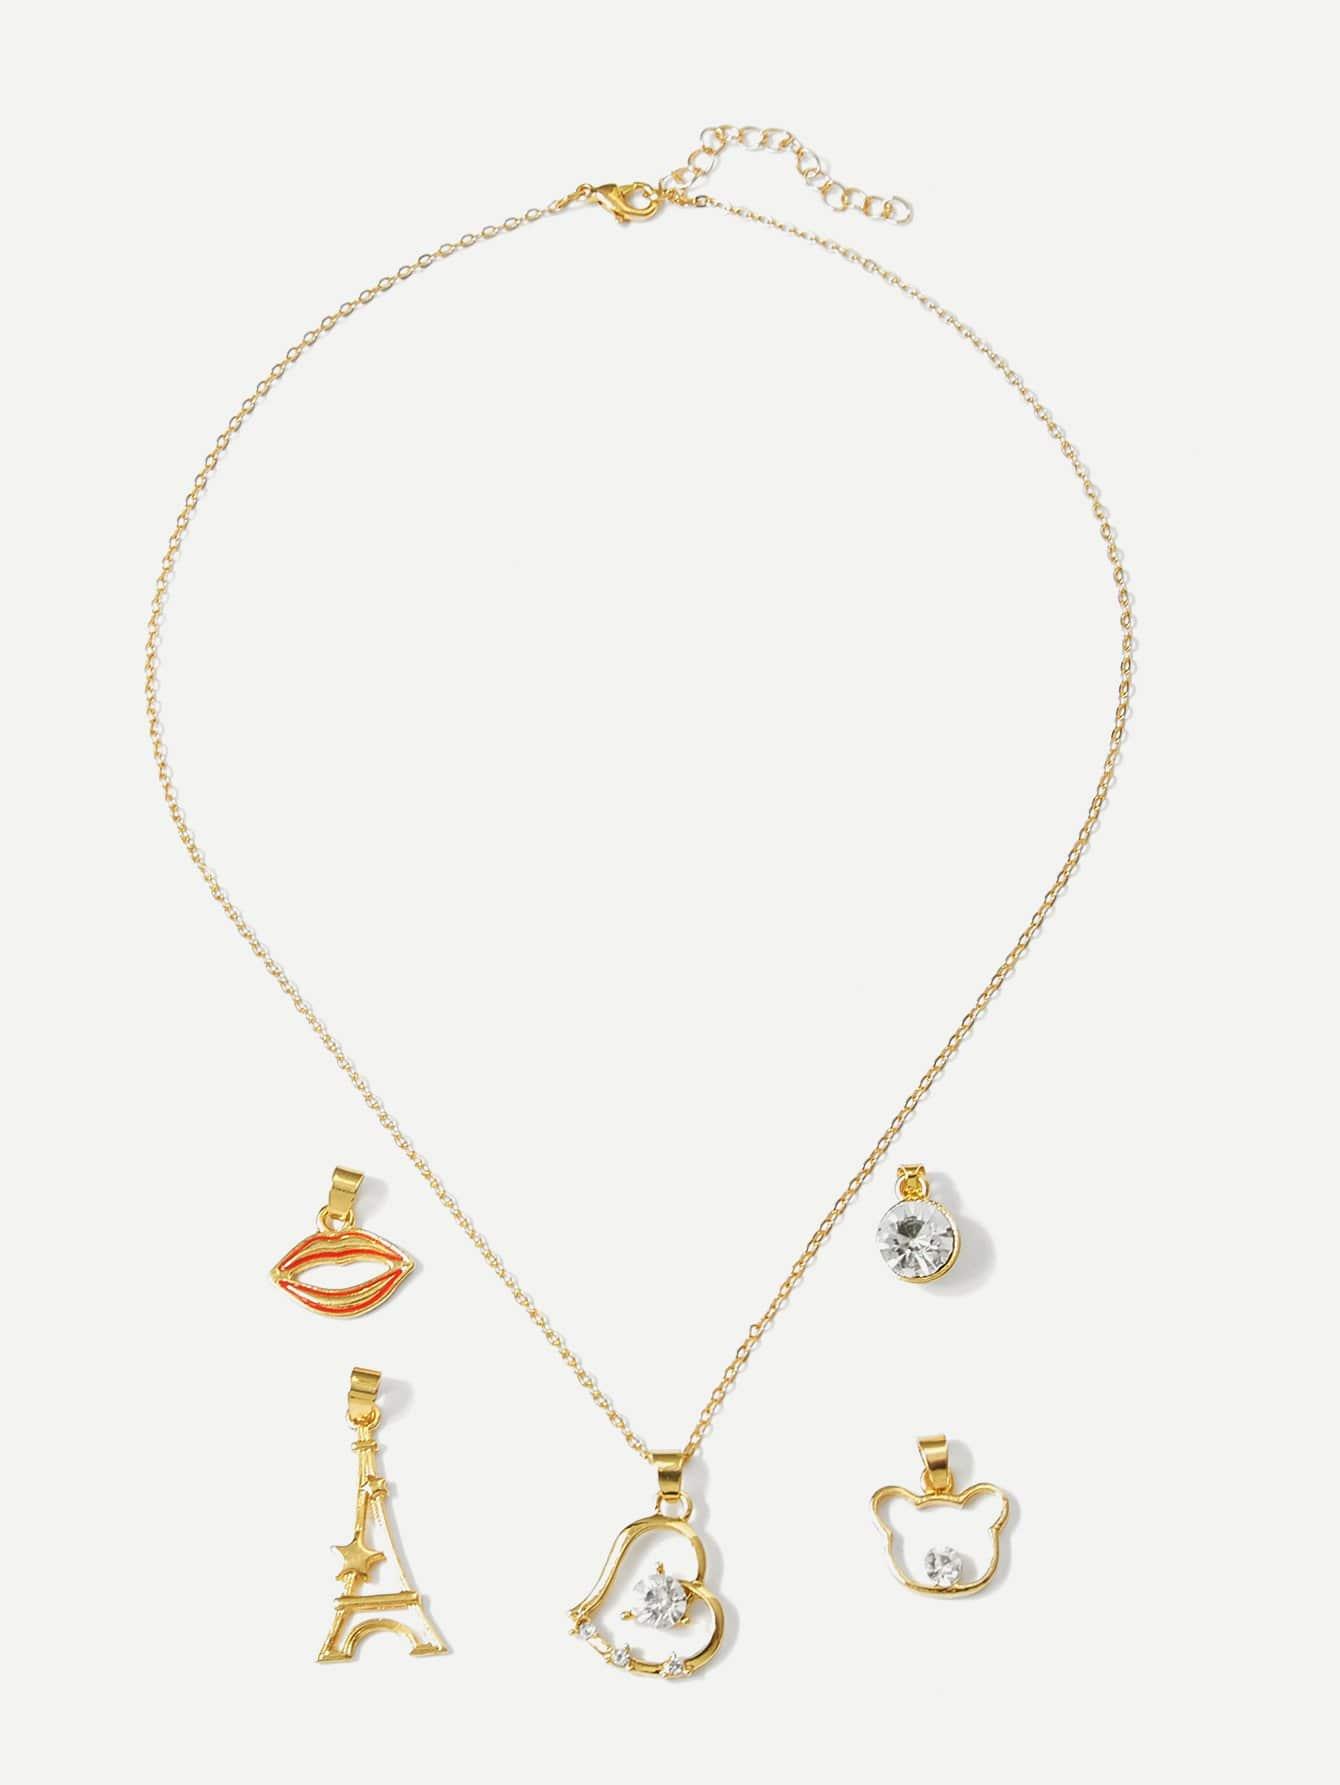 Abnehmbare Halskette mit Lippe und Bär 5pcs